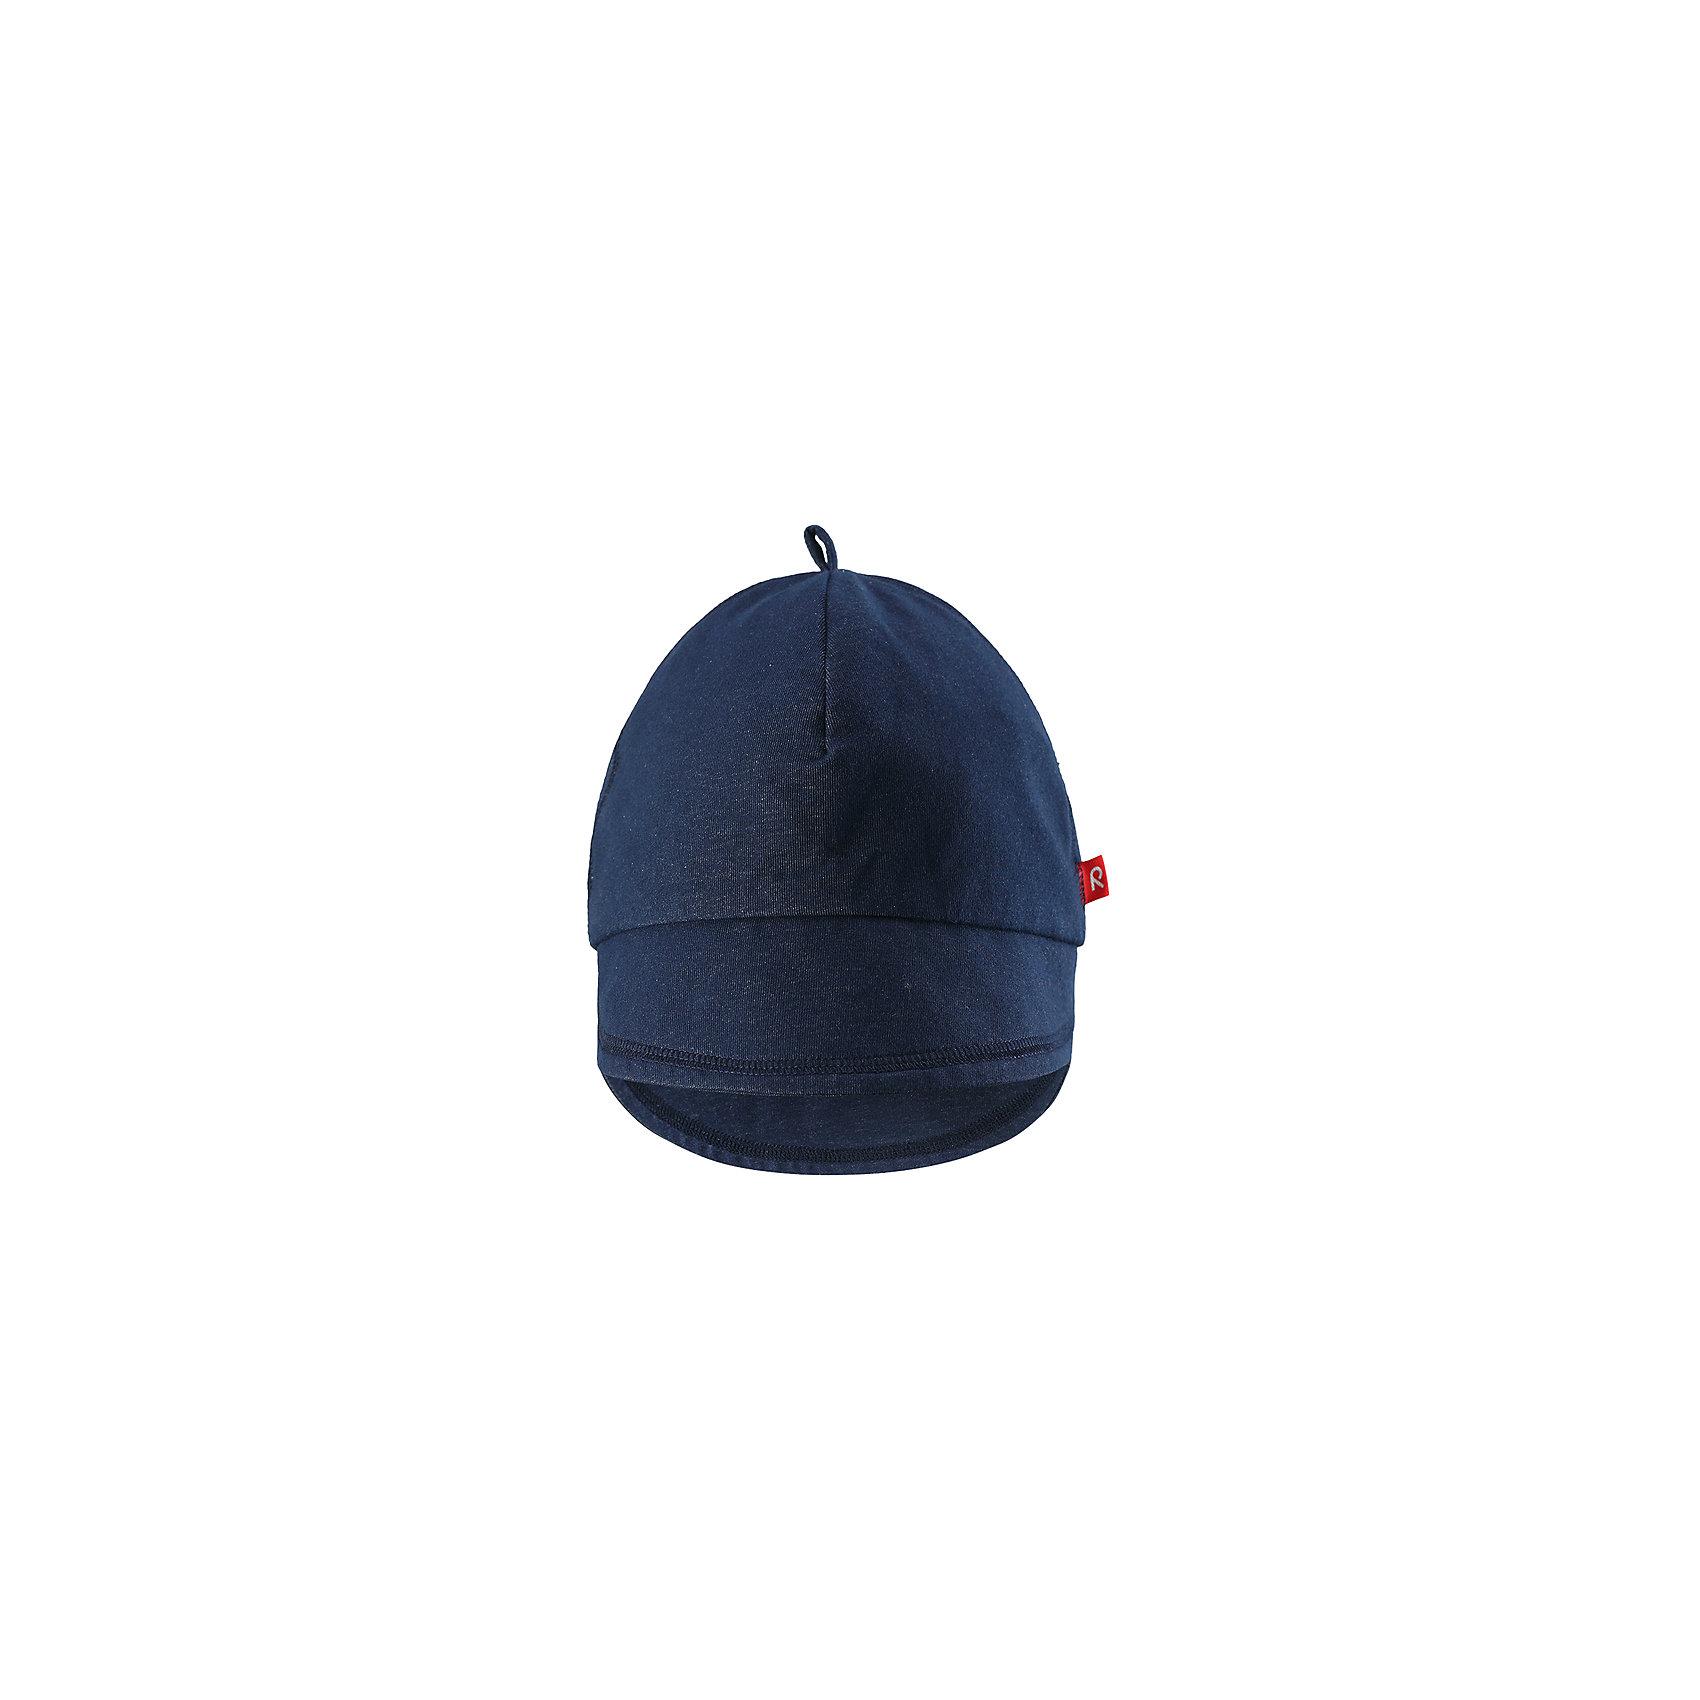 Кепка Ankkuri для девочки ReimaШапки и шарфы<br>Характеристики товара:<br><br>• цвет: синий<br>• состав: 100% хлопок<br>• эластичный материал<br>• подкладка: отводящий влагу материал Play Jersey<br>• фактор защиты от ультрафиолета: 40+<br>• с логотипом<br>• комфортная посадка<br>• страна производства: Китай<br>• страна бренда: Финляндия<br>• коллекция: весна-лето 2017<br><br>Кепка - это простая и стильная вещь, которая не только подчеркнет индивидуальность стиля, также защитит от солнца или дождя.<br><br>Одежда и обувь от финского бренда Reima пользуется популярностью во многих странах. <br><br>Эти изделия стильные, качественные и удобные. Для производства продукции используются только безопасные, проверенные материалы и фурнитура. <br><br>Порадуйте ребенка модными и красивыми вещами от Reima! <br><br>Кепку Ankkuri для девочки от финского бренда Reima (Рейма) можно купить в нашем интернет-магазине.<br><br>Ширина мм: 89<br>Глубина мм: 117<br>Высота мм: 44<br>Вес г: 155<br>Цвет: синий<br>Возраст от месяцев: 18<br>Возраст до месяцев: 36<br>Пол: Женский<br>Возраст: Детский<br>Размер: 50,46<br>SKU: 5520683